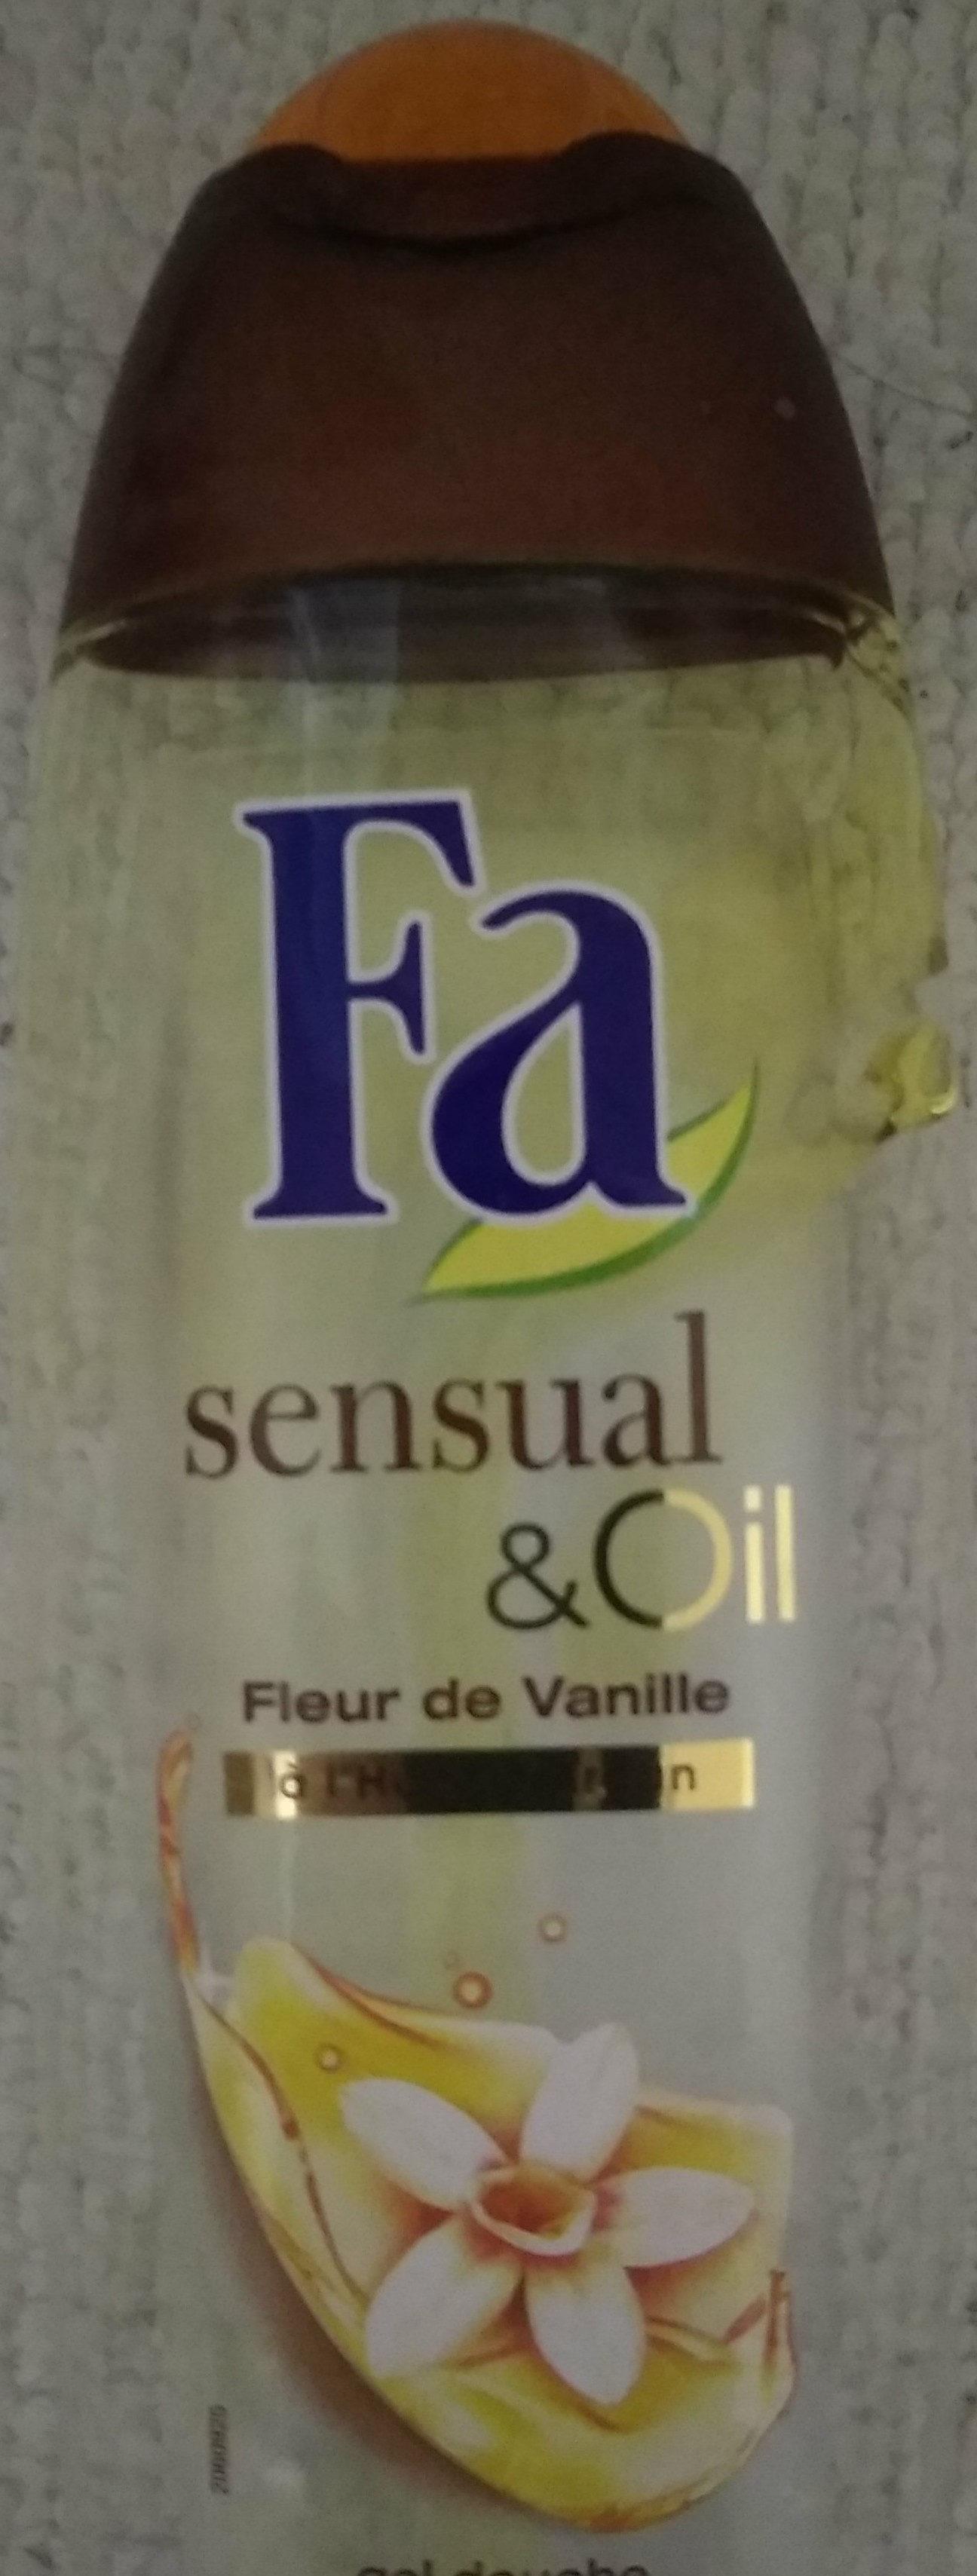 Sensual oil fleur de vanille à l'huile d argan - Product - fr